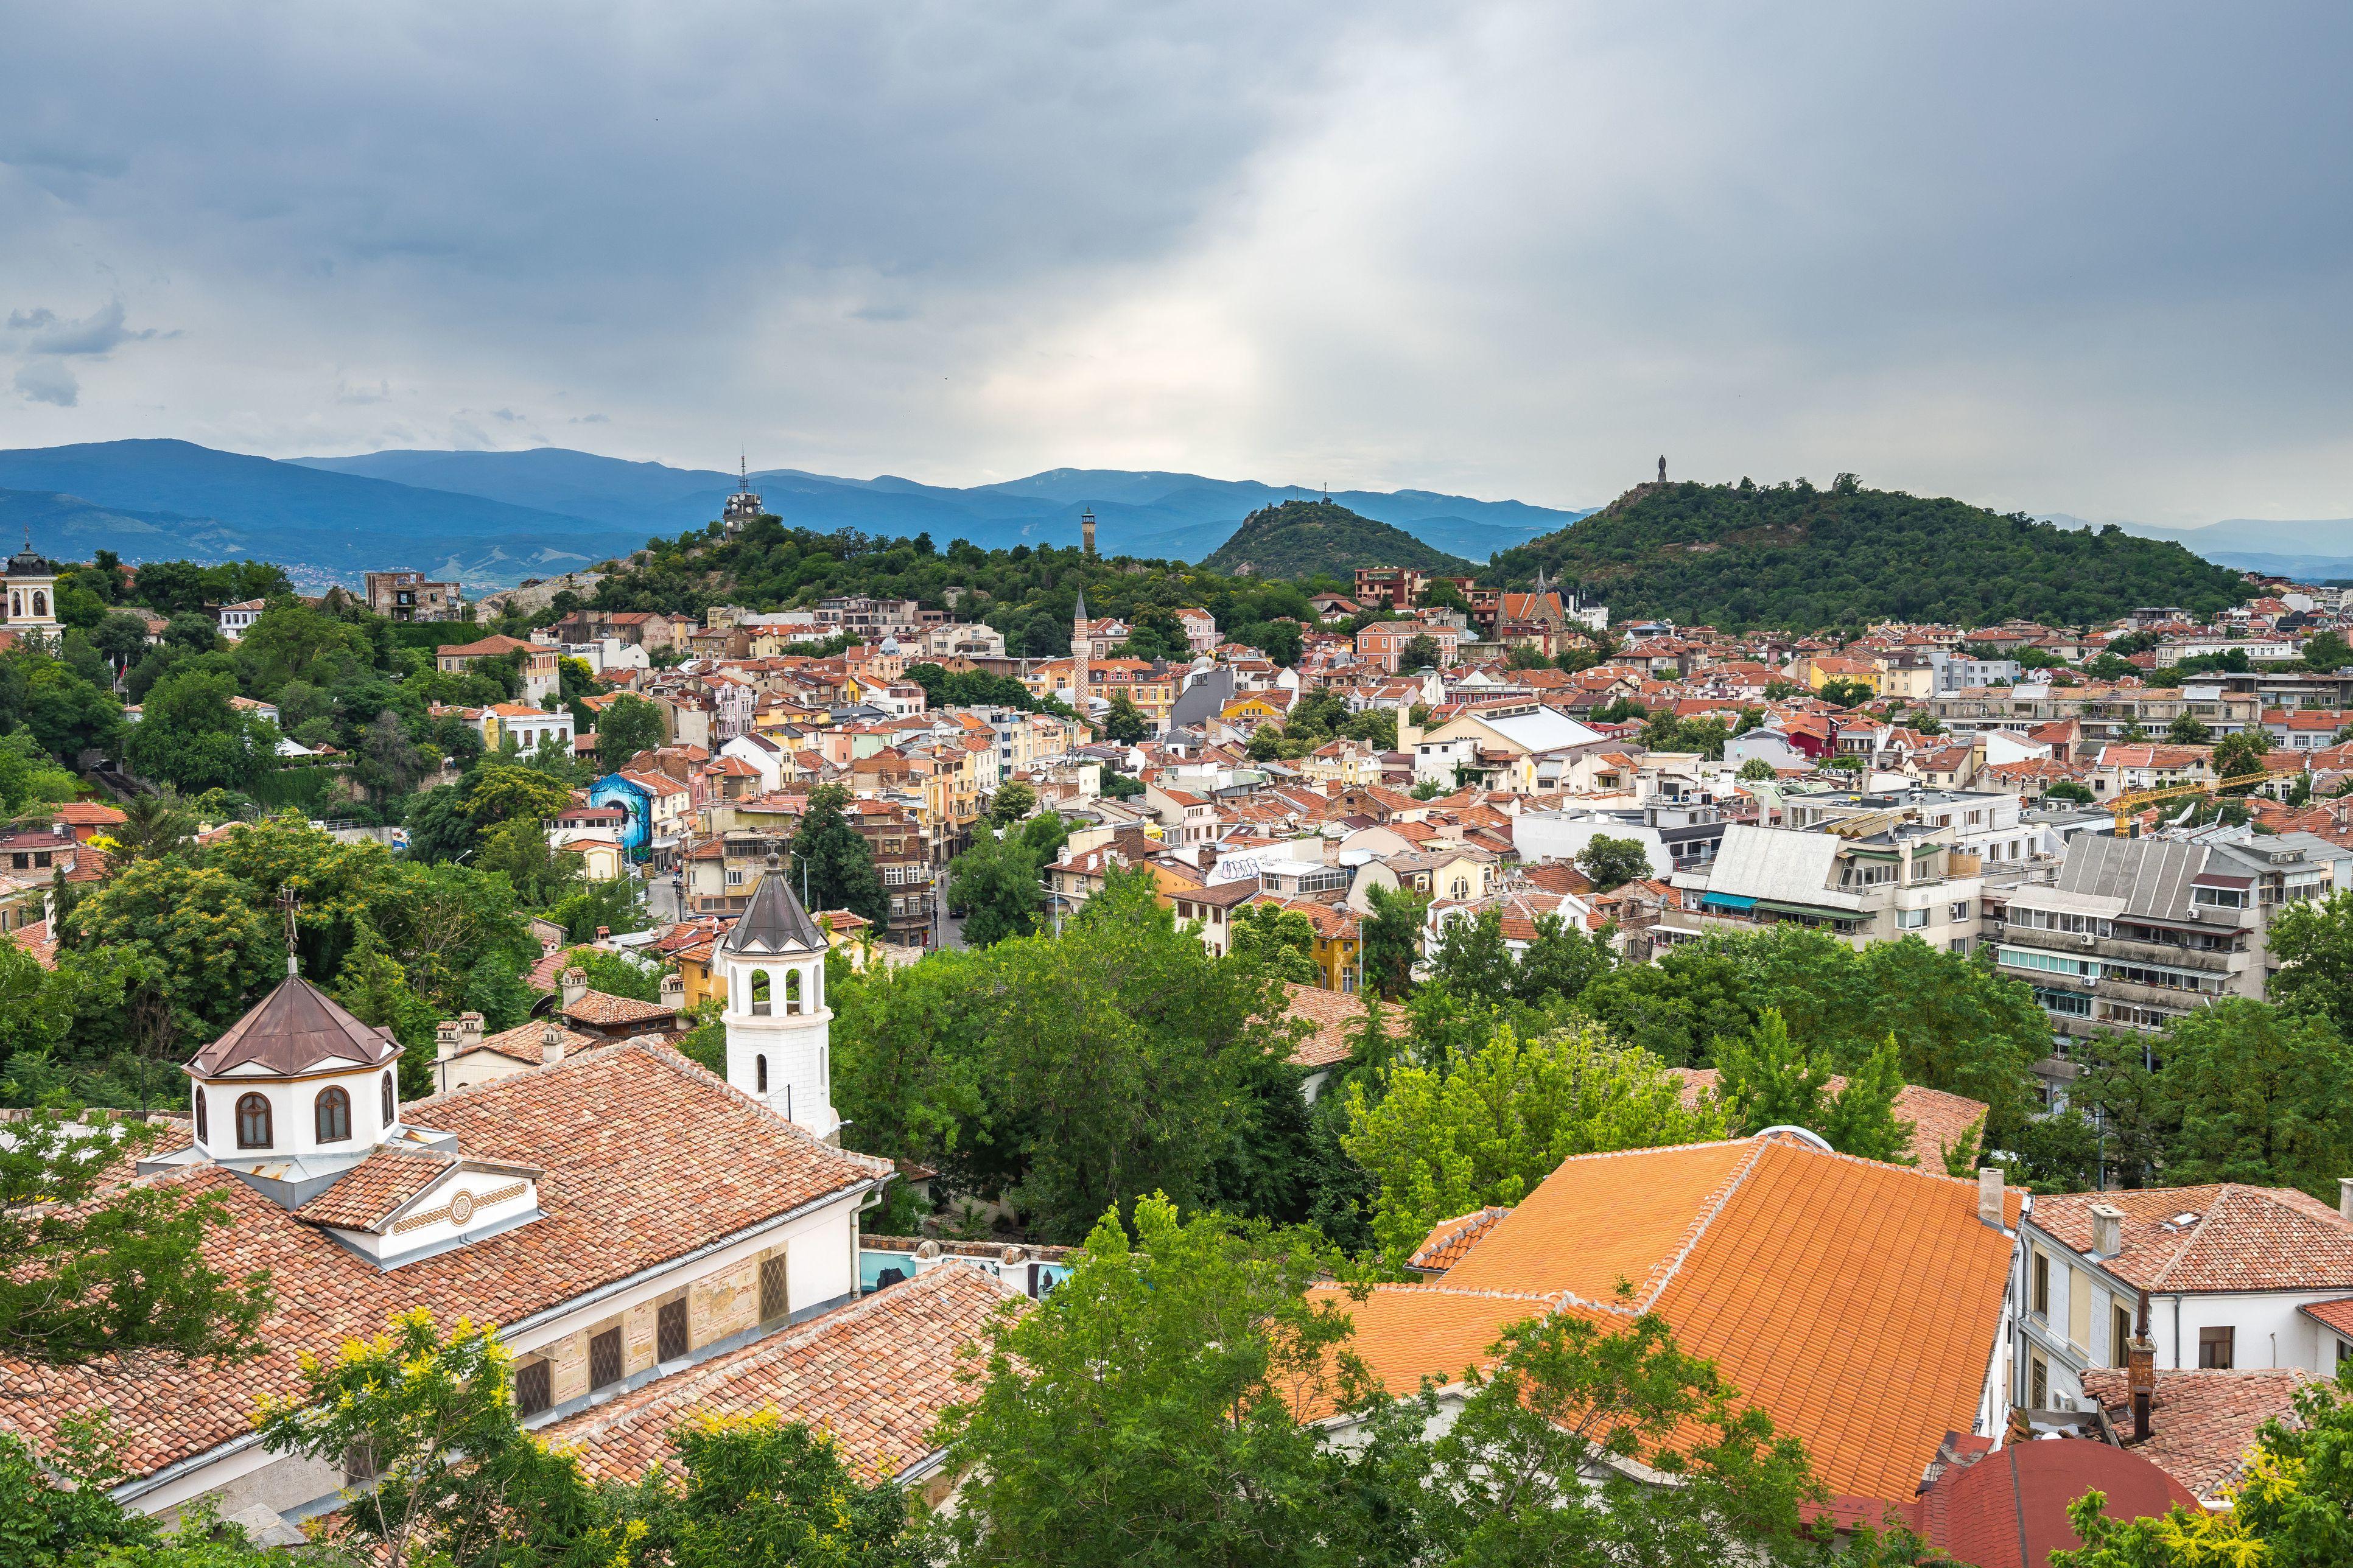 Vista de ángulo alto de casas en la ciudad contra el cielo